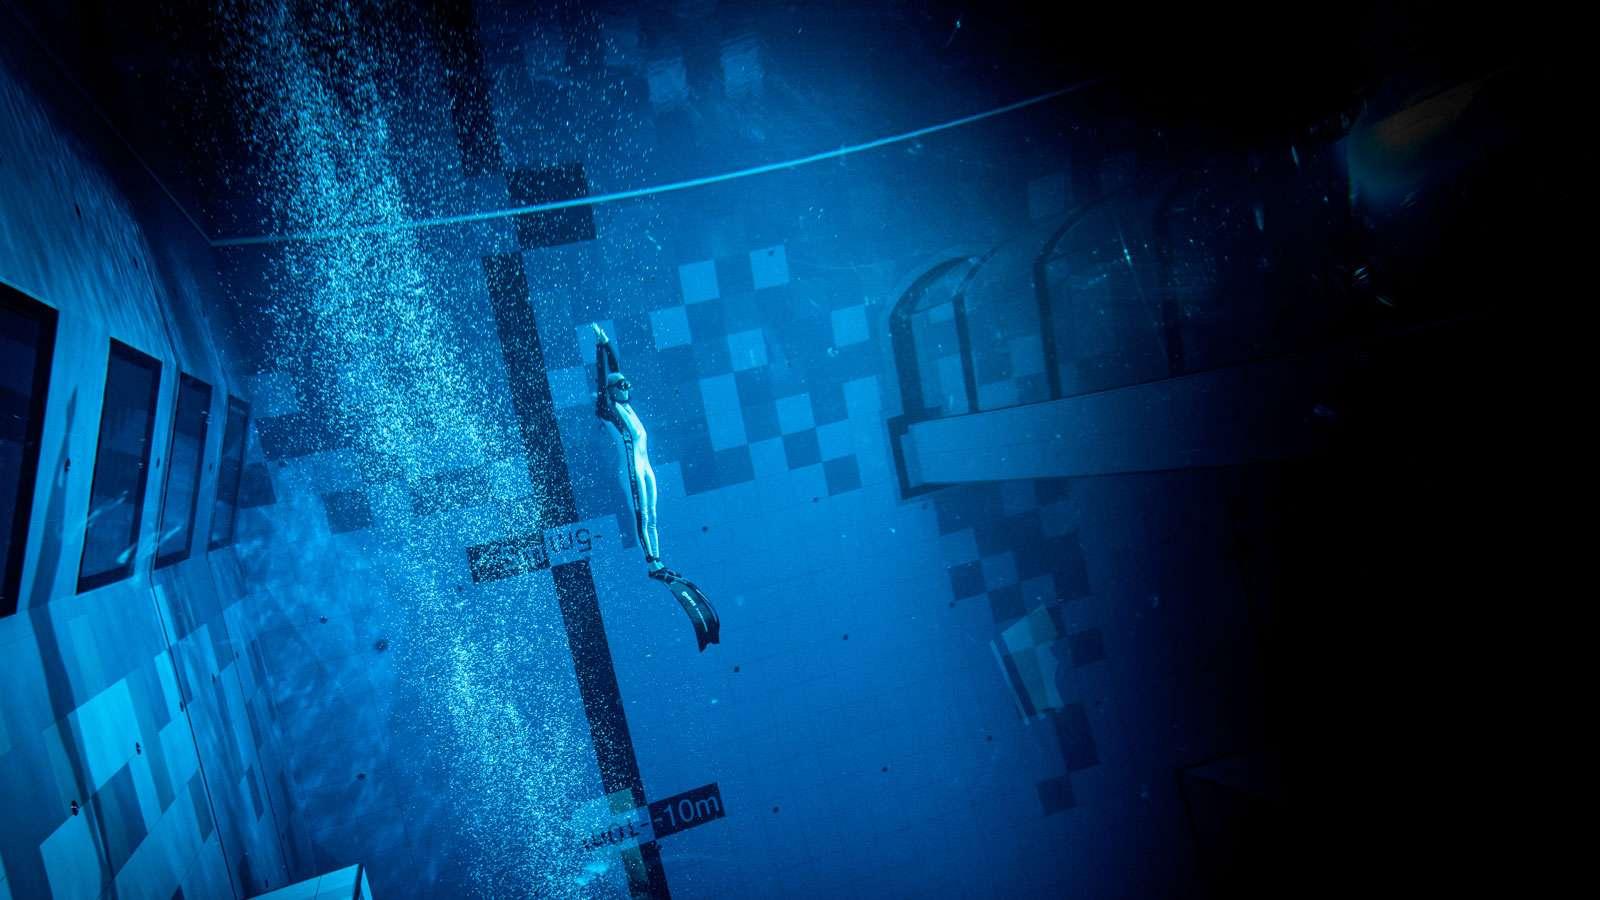 Med en dybde på 45 meter er polske Deepspot netop åbnet som verdens angiveligt dybeste svømmebassin. PR-foto: Deepspot.